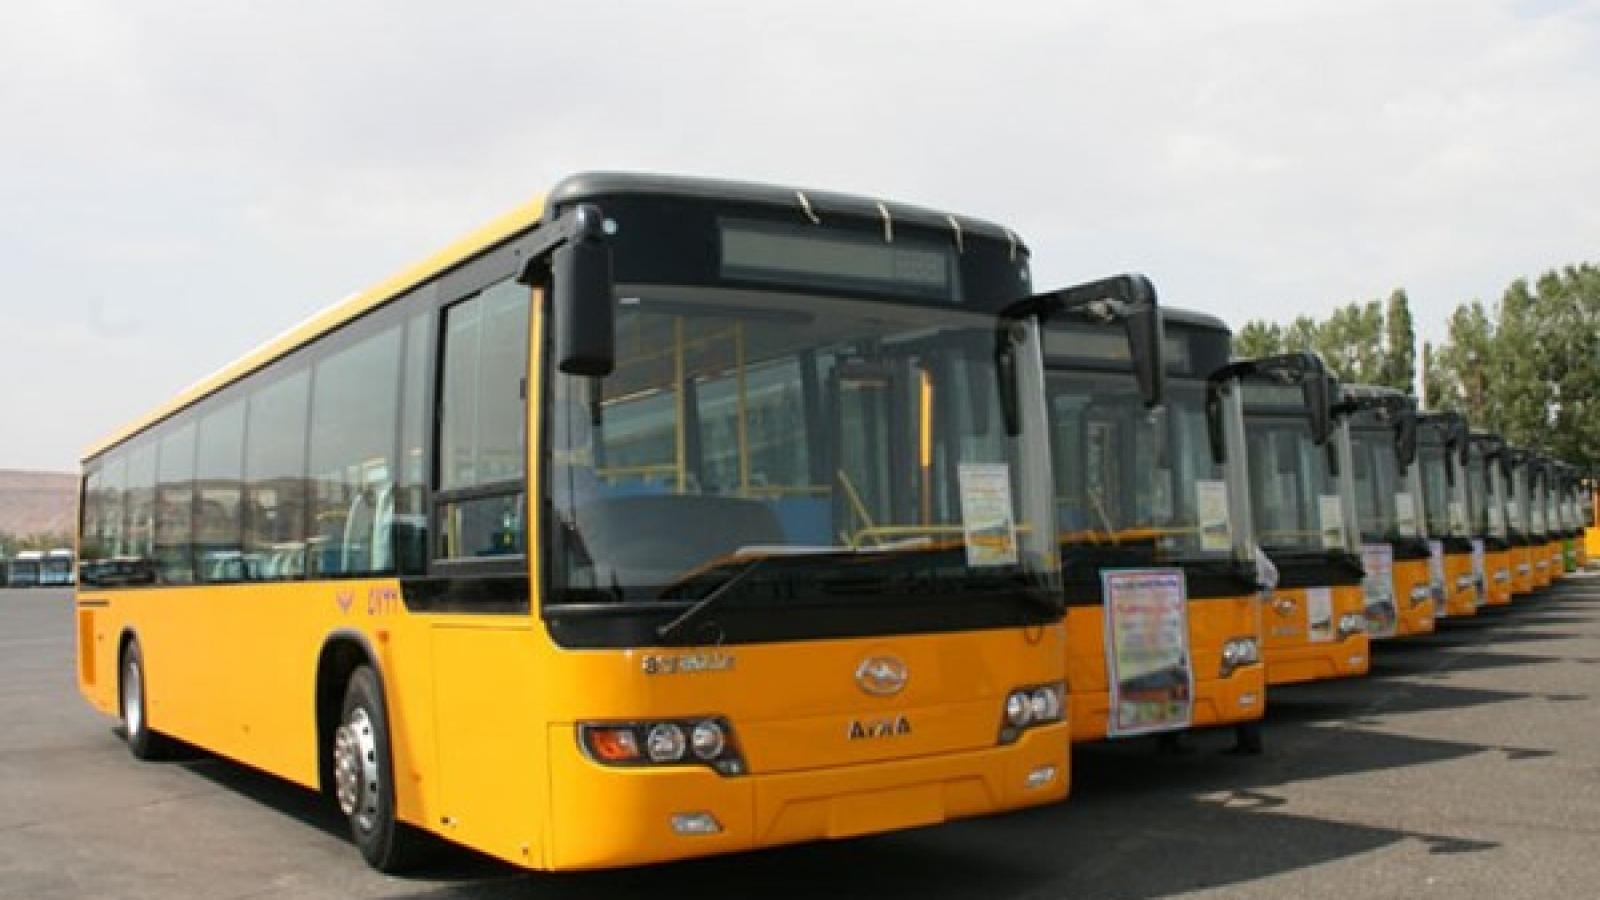 توسعه ناوگان اتوبوسرانی کشور نیازمند اختصاص منابع کلان توسط دولت است - اجاره خودرو طباطبایی